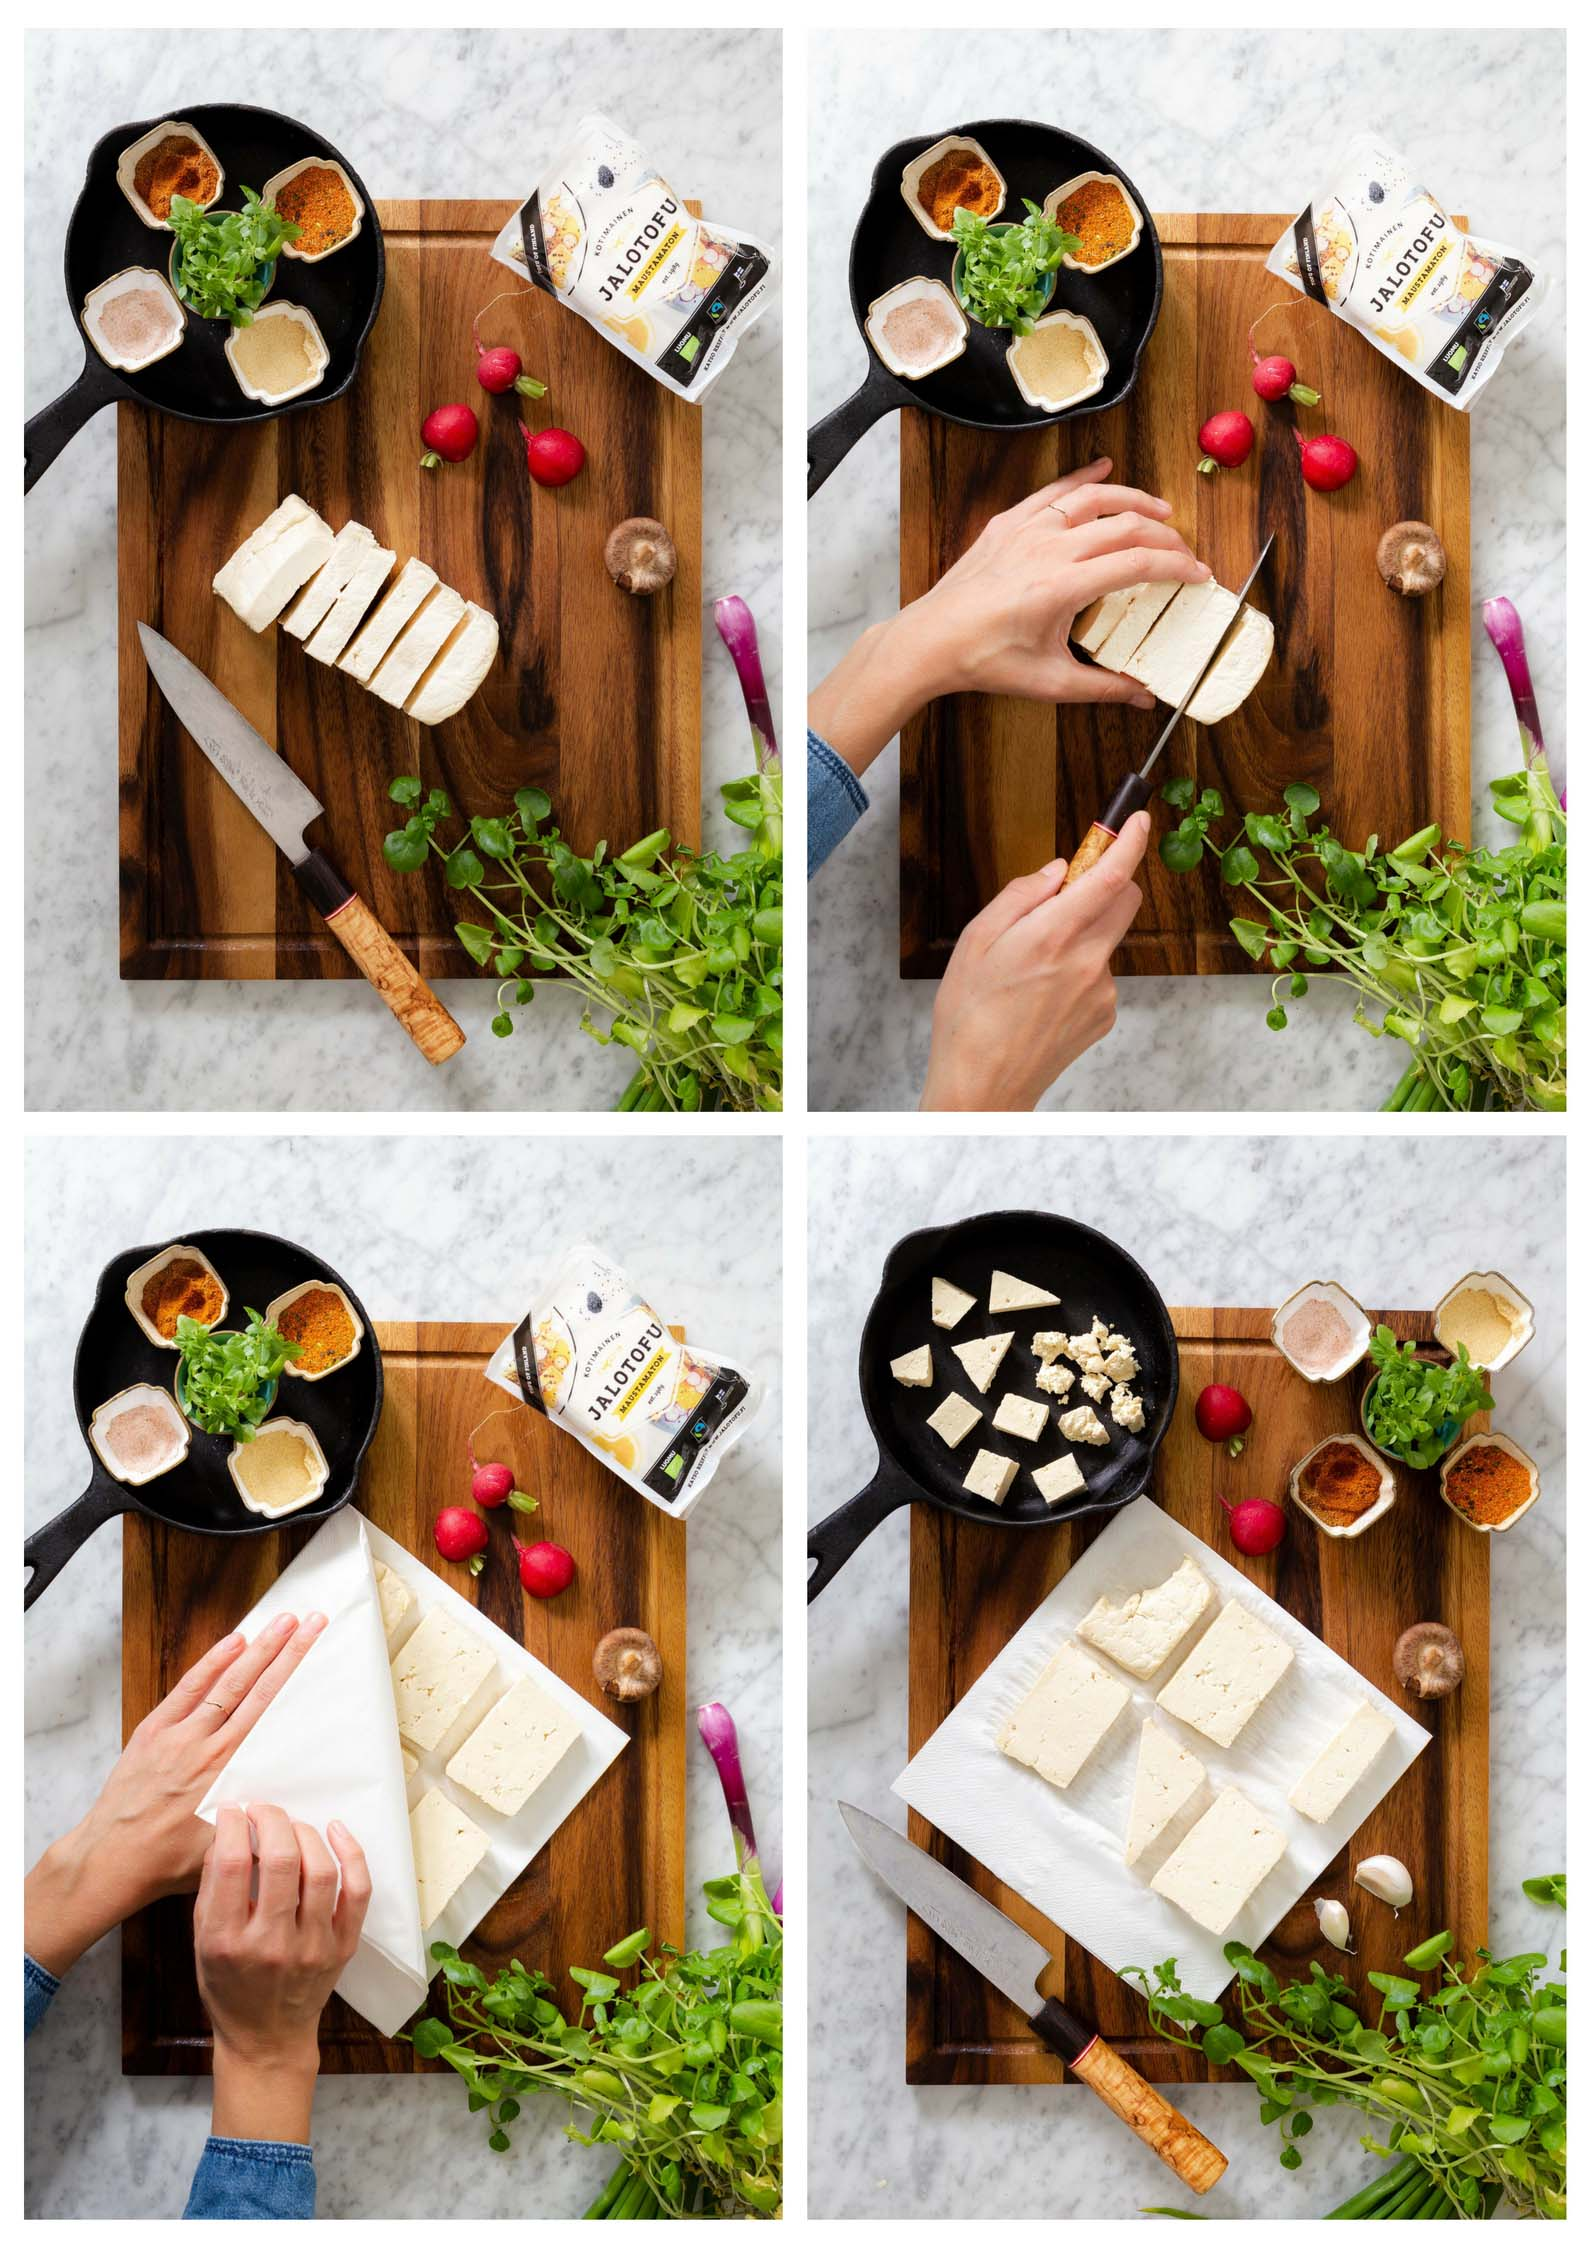 tofun-paistaminen-marinoiminen